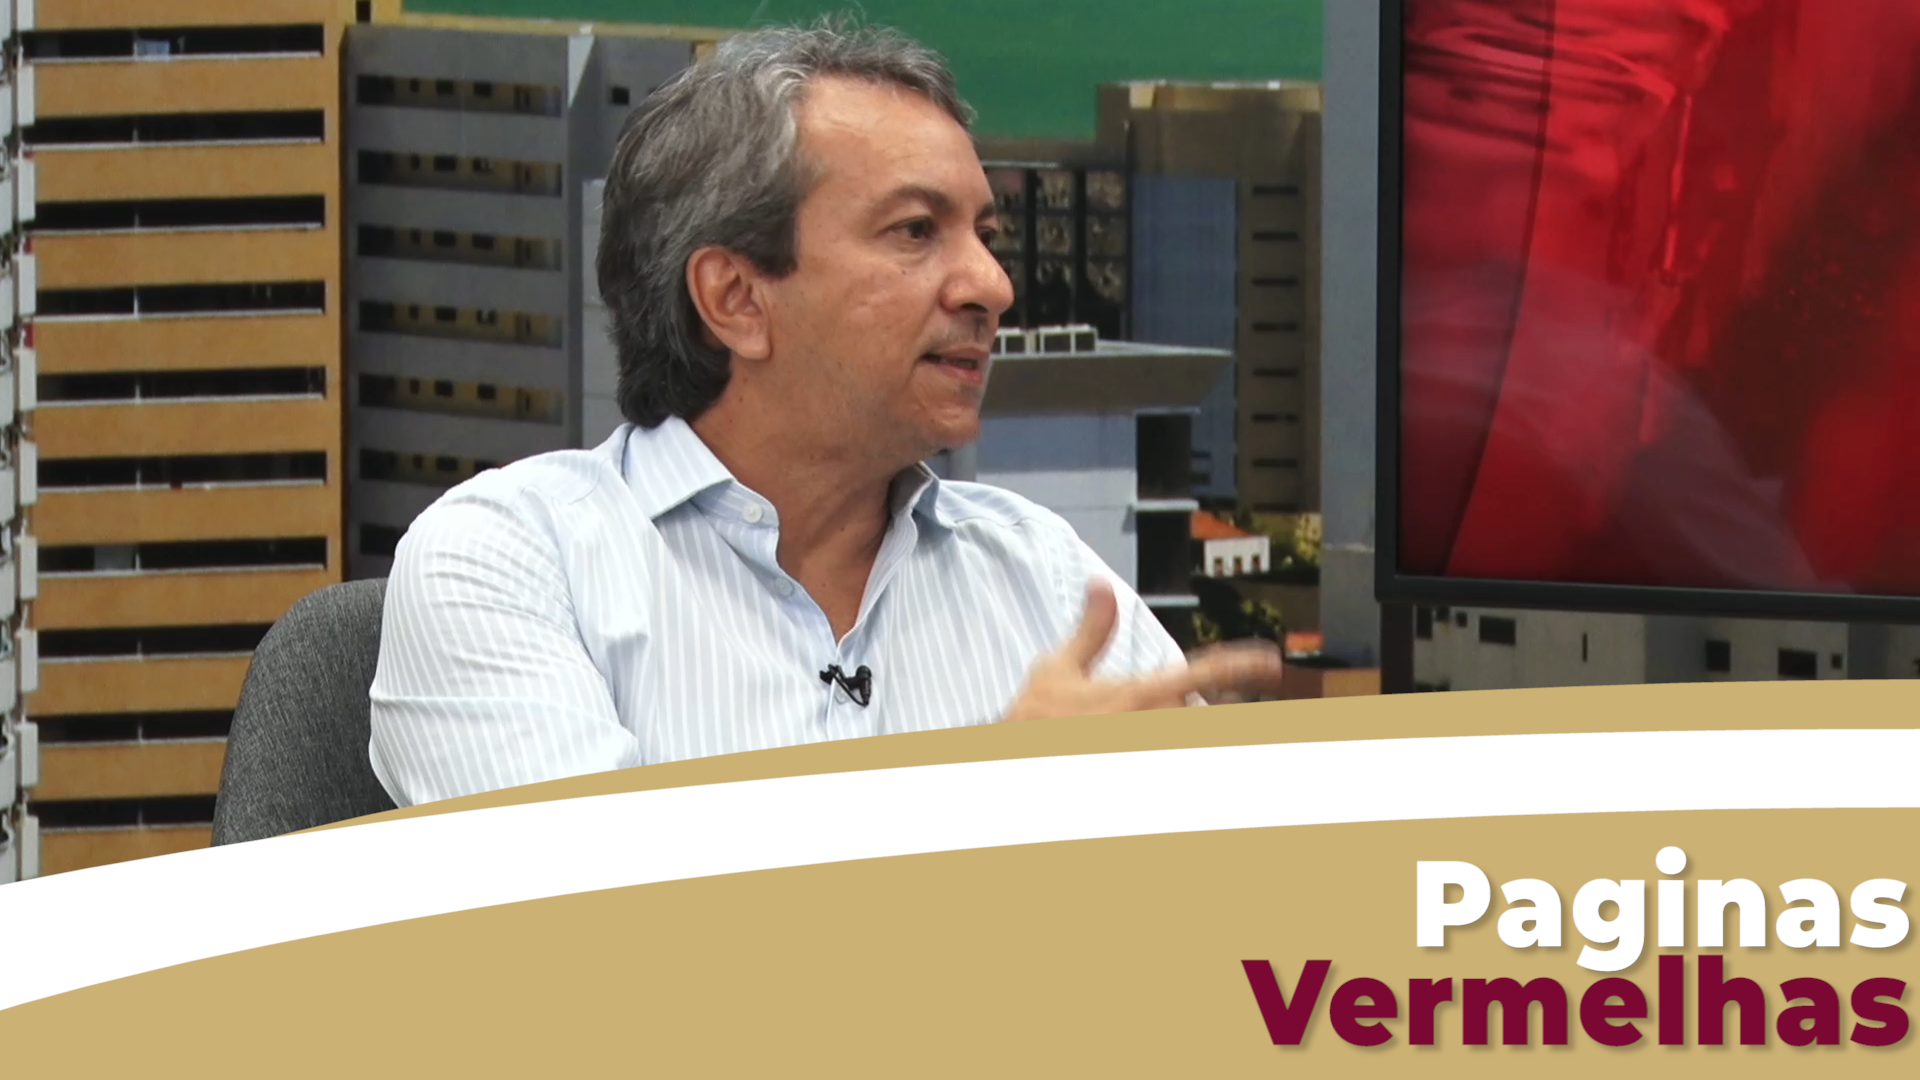 Paginas Vermelhas entrevista, Tulius Freitas, Médico Ginecologista